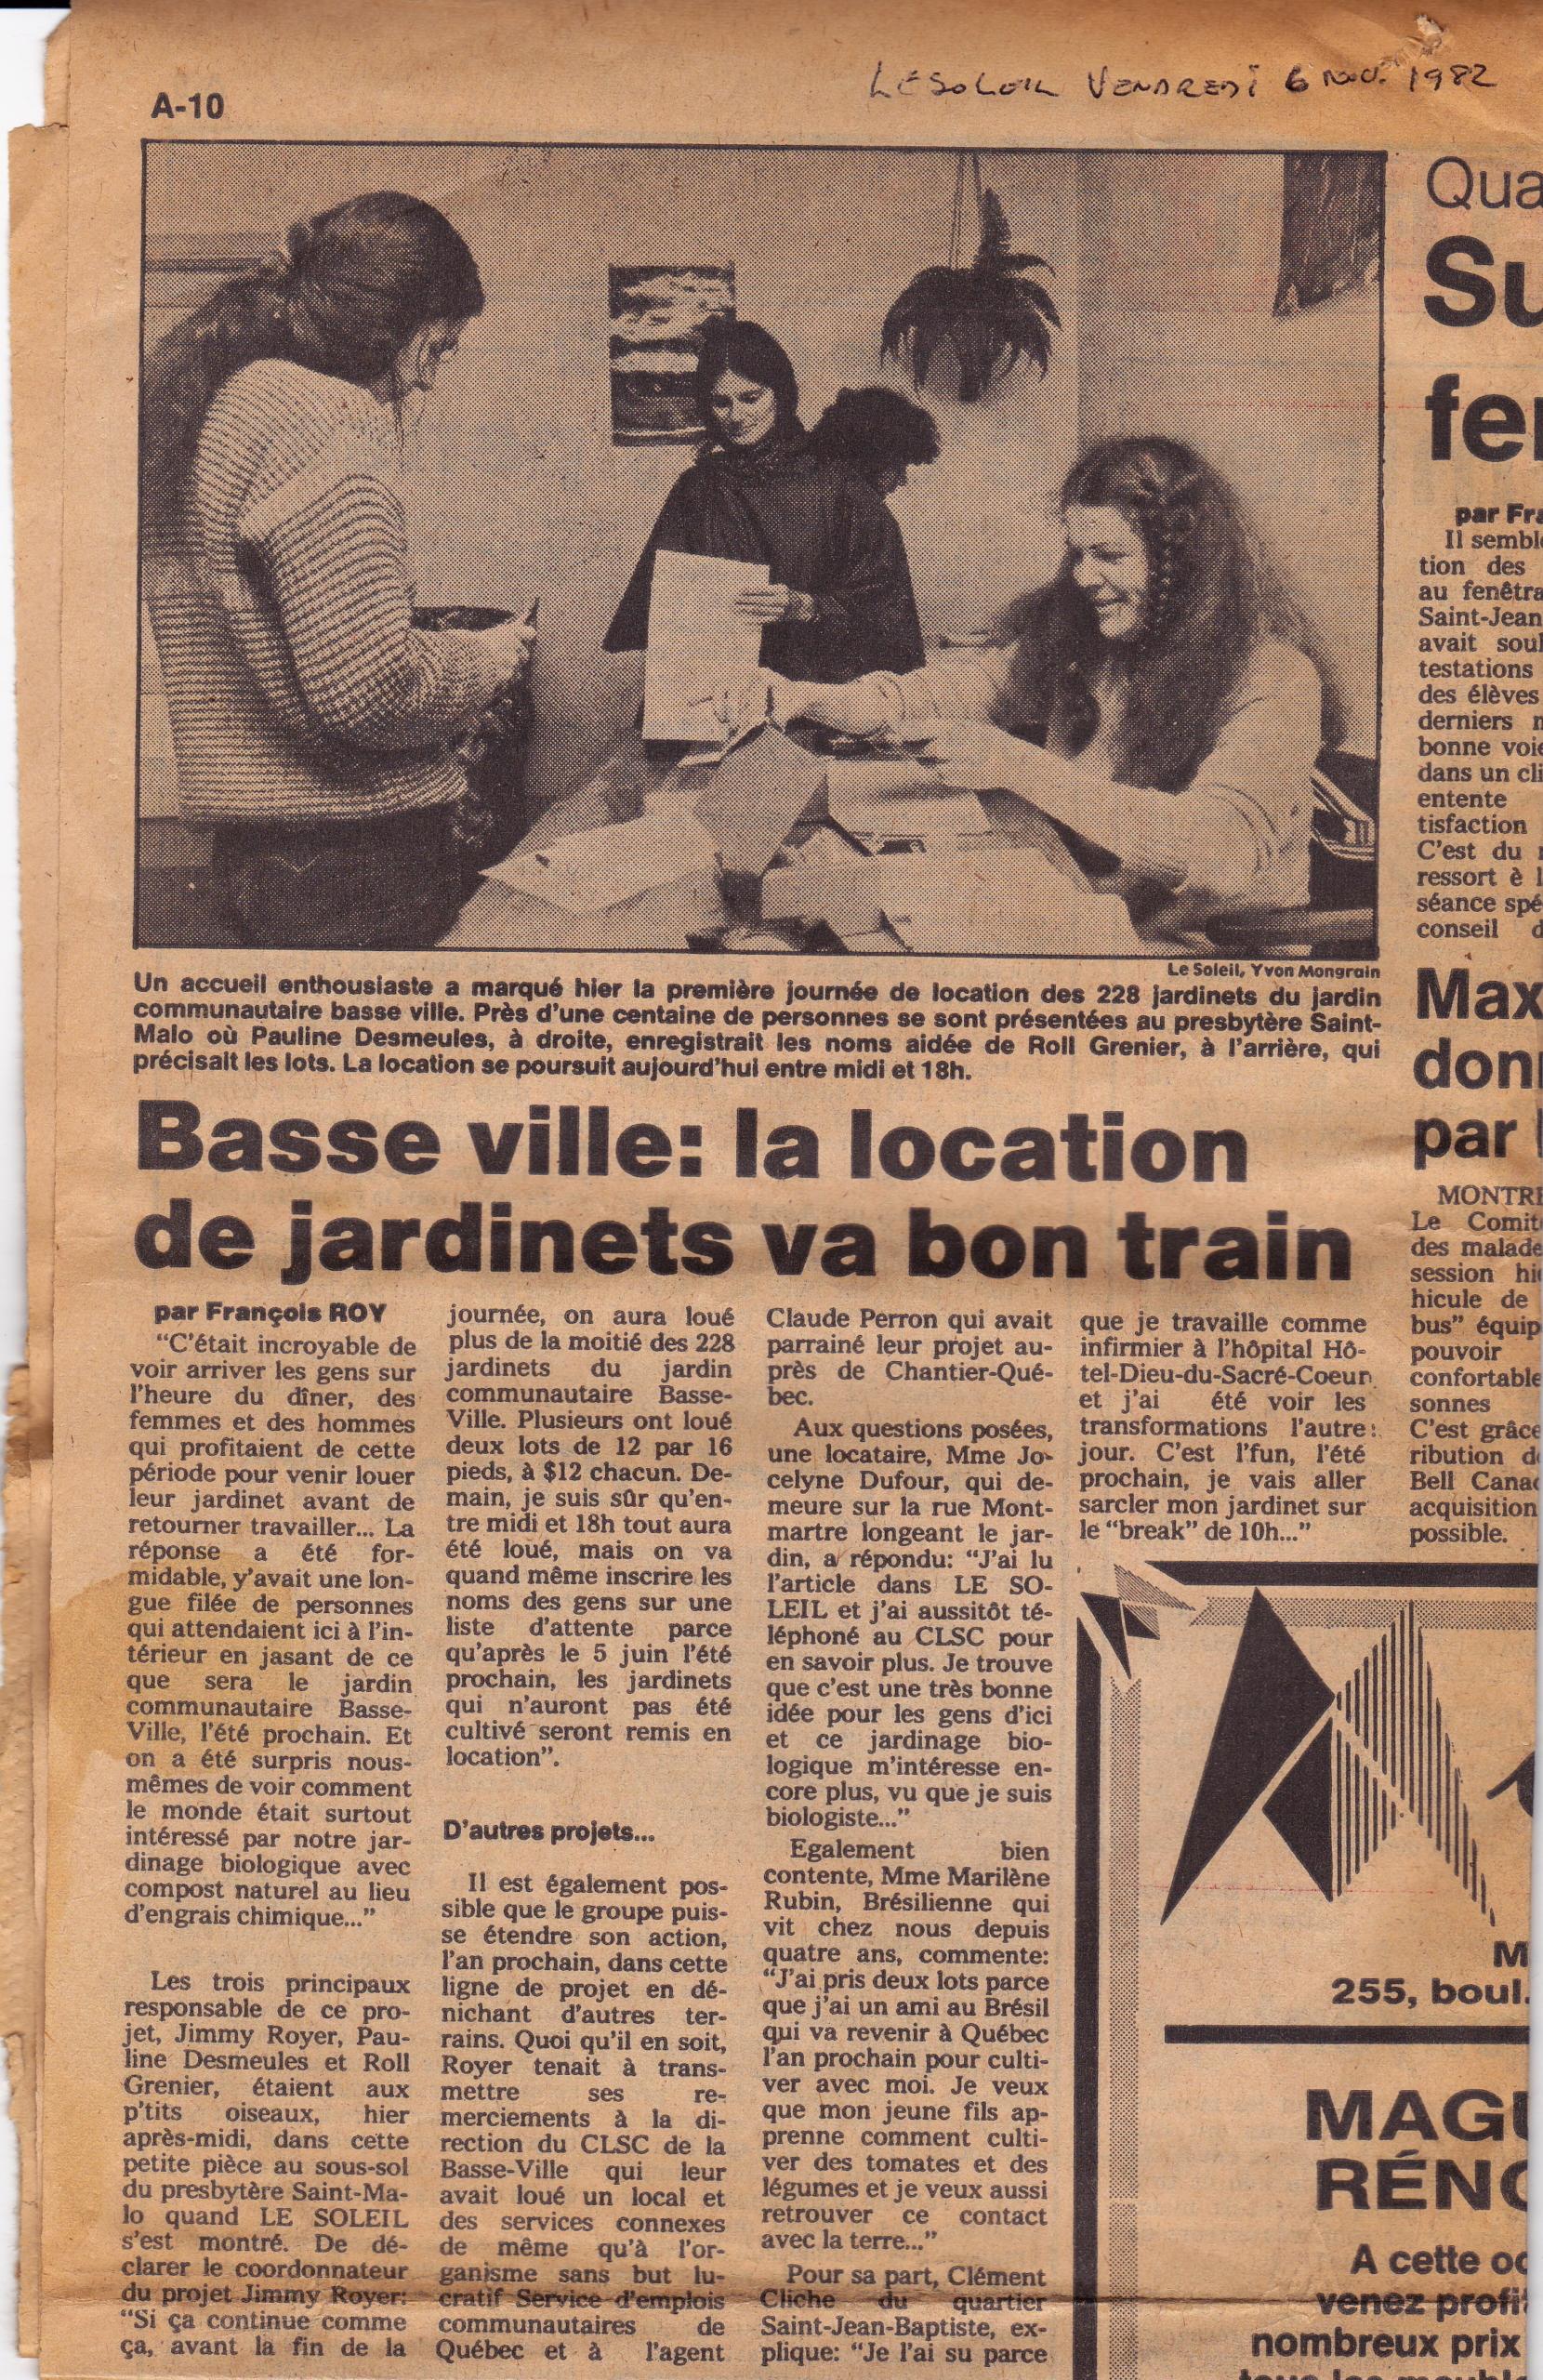 Le soleil 1982 - Inscription au jardin